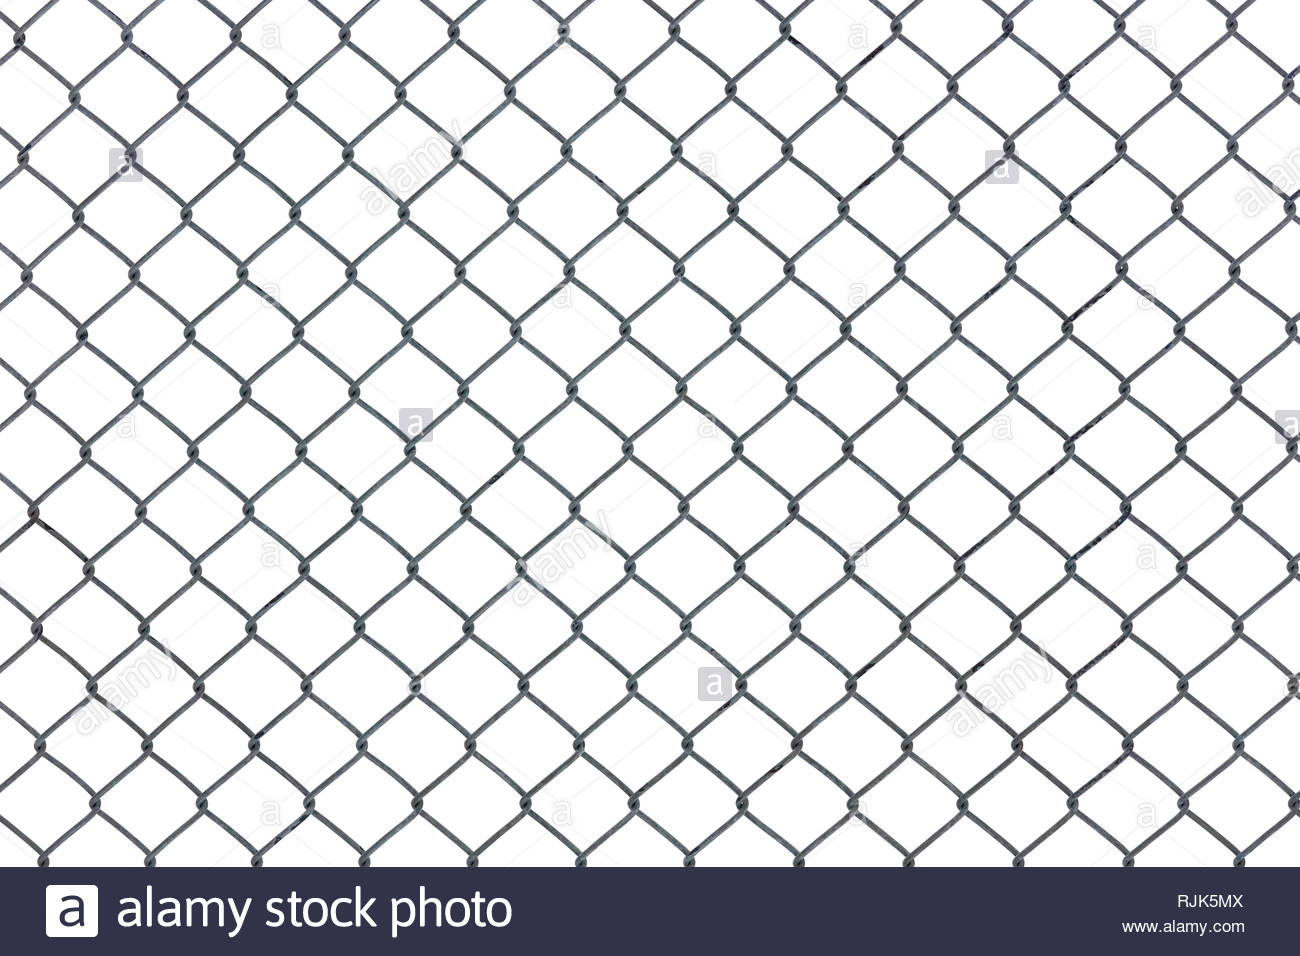 Kette Link Zaun in einem rautenförmigen Maschen Muster. Stockbild